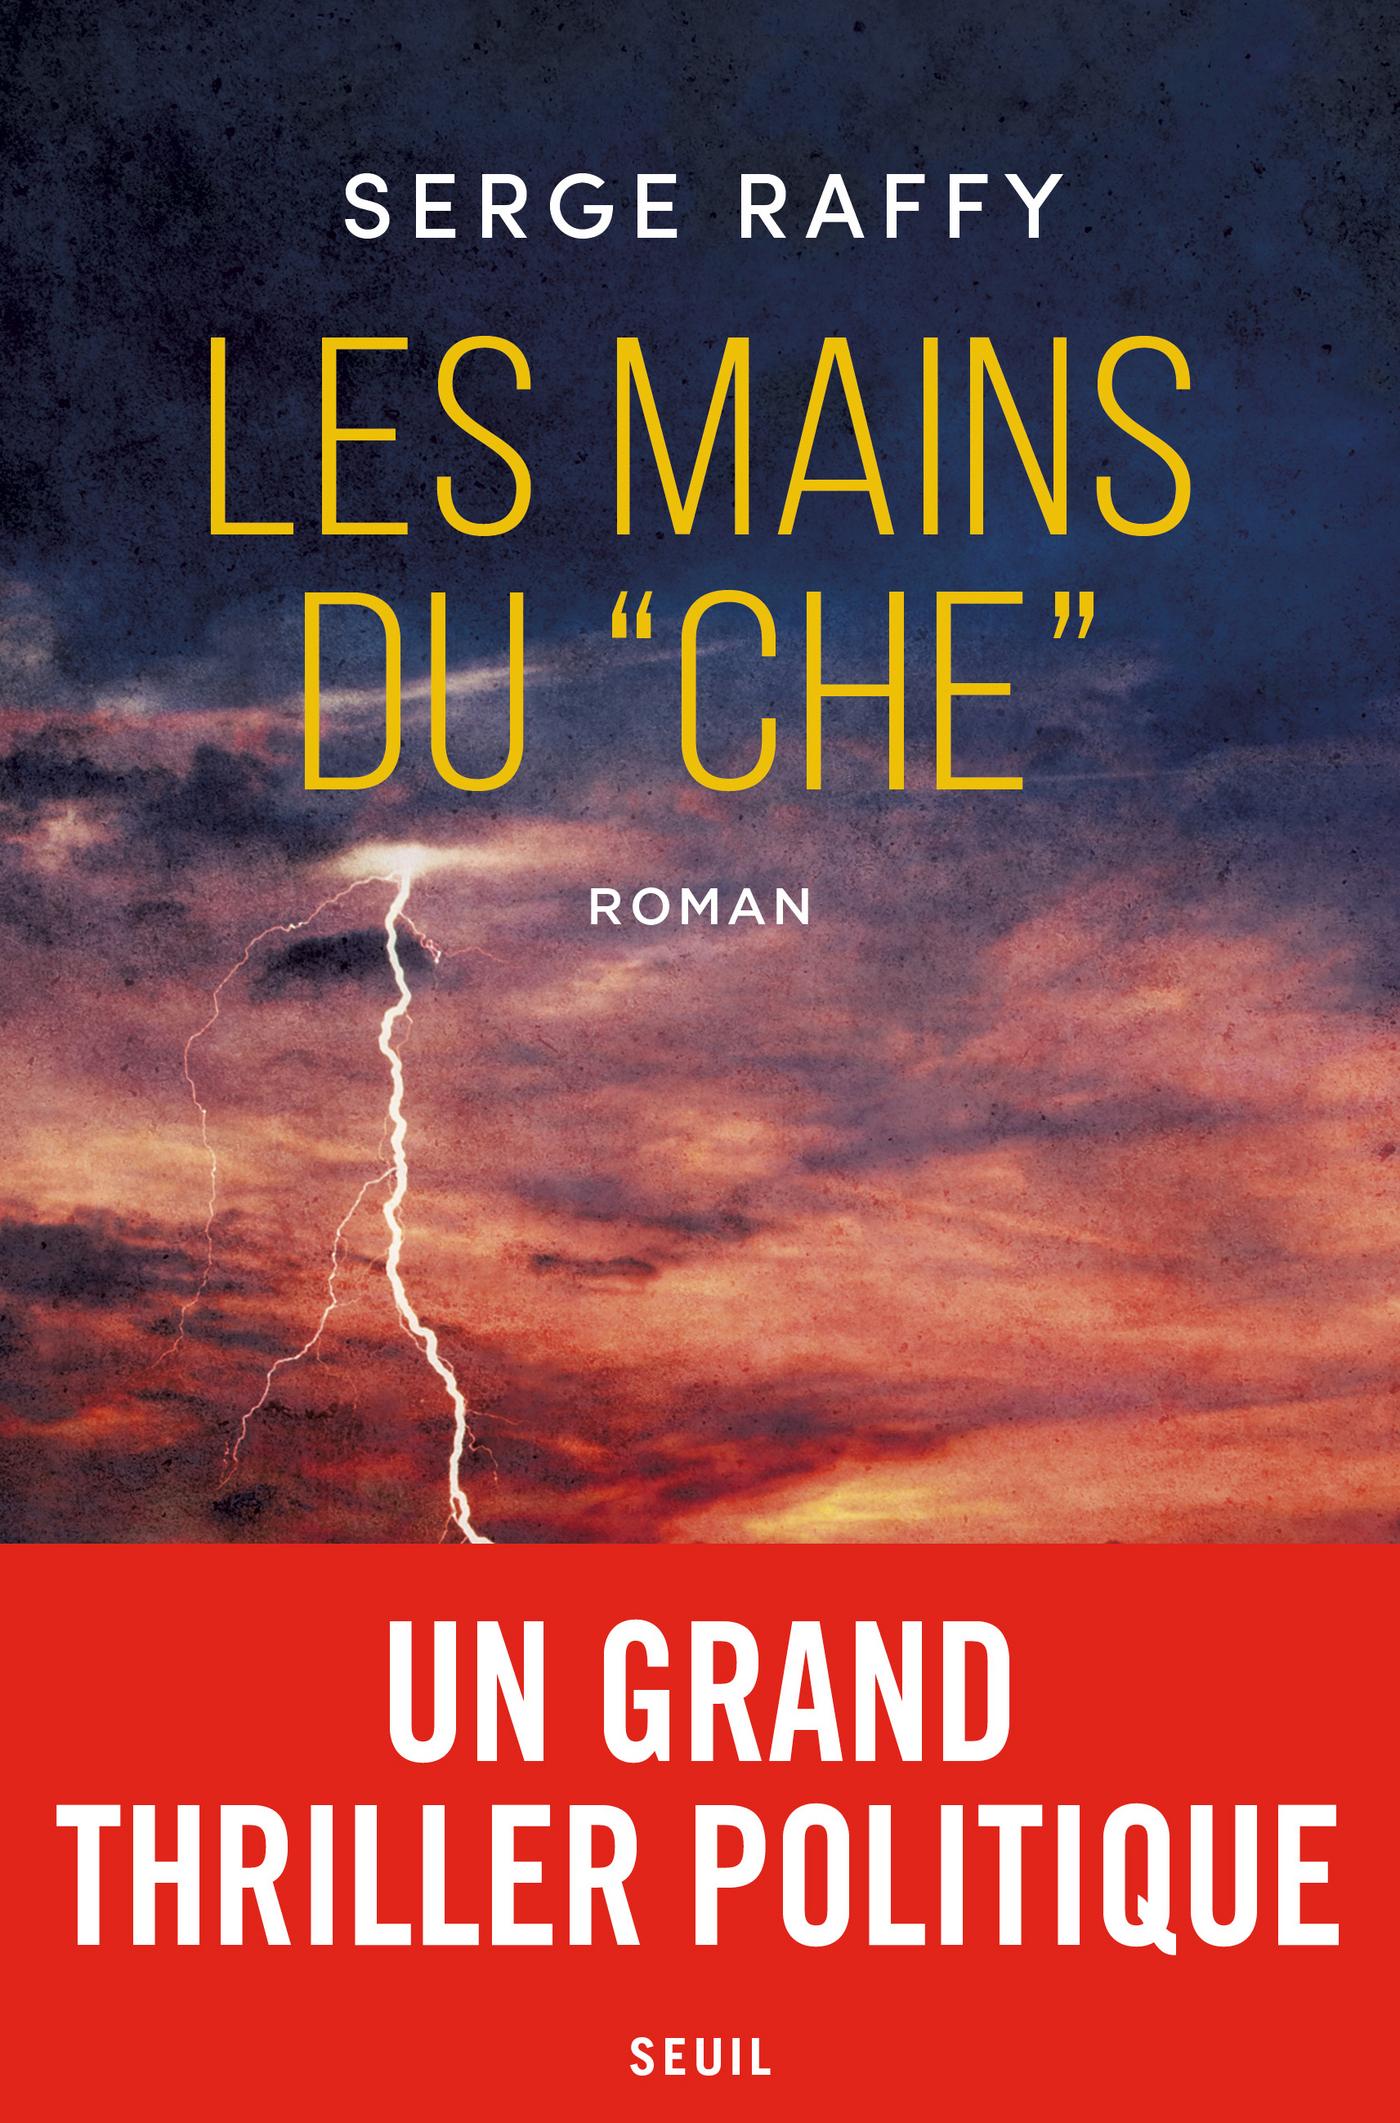 Les mains du Che | Raffy, Serge